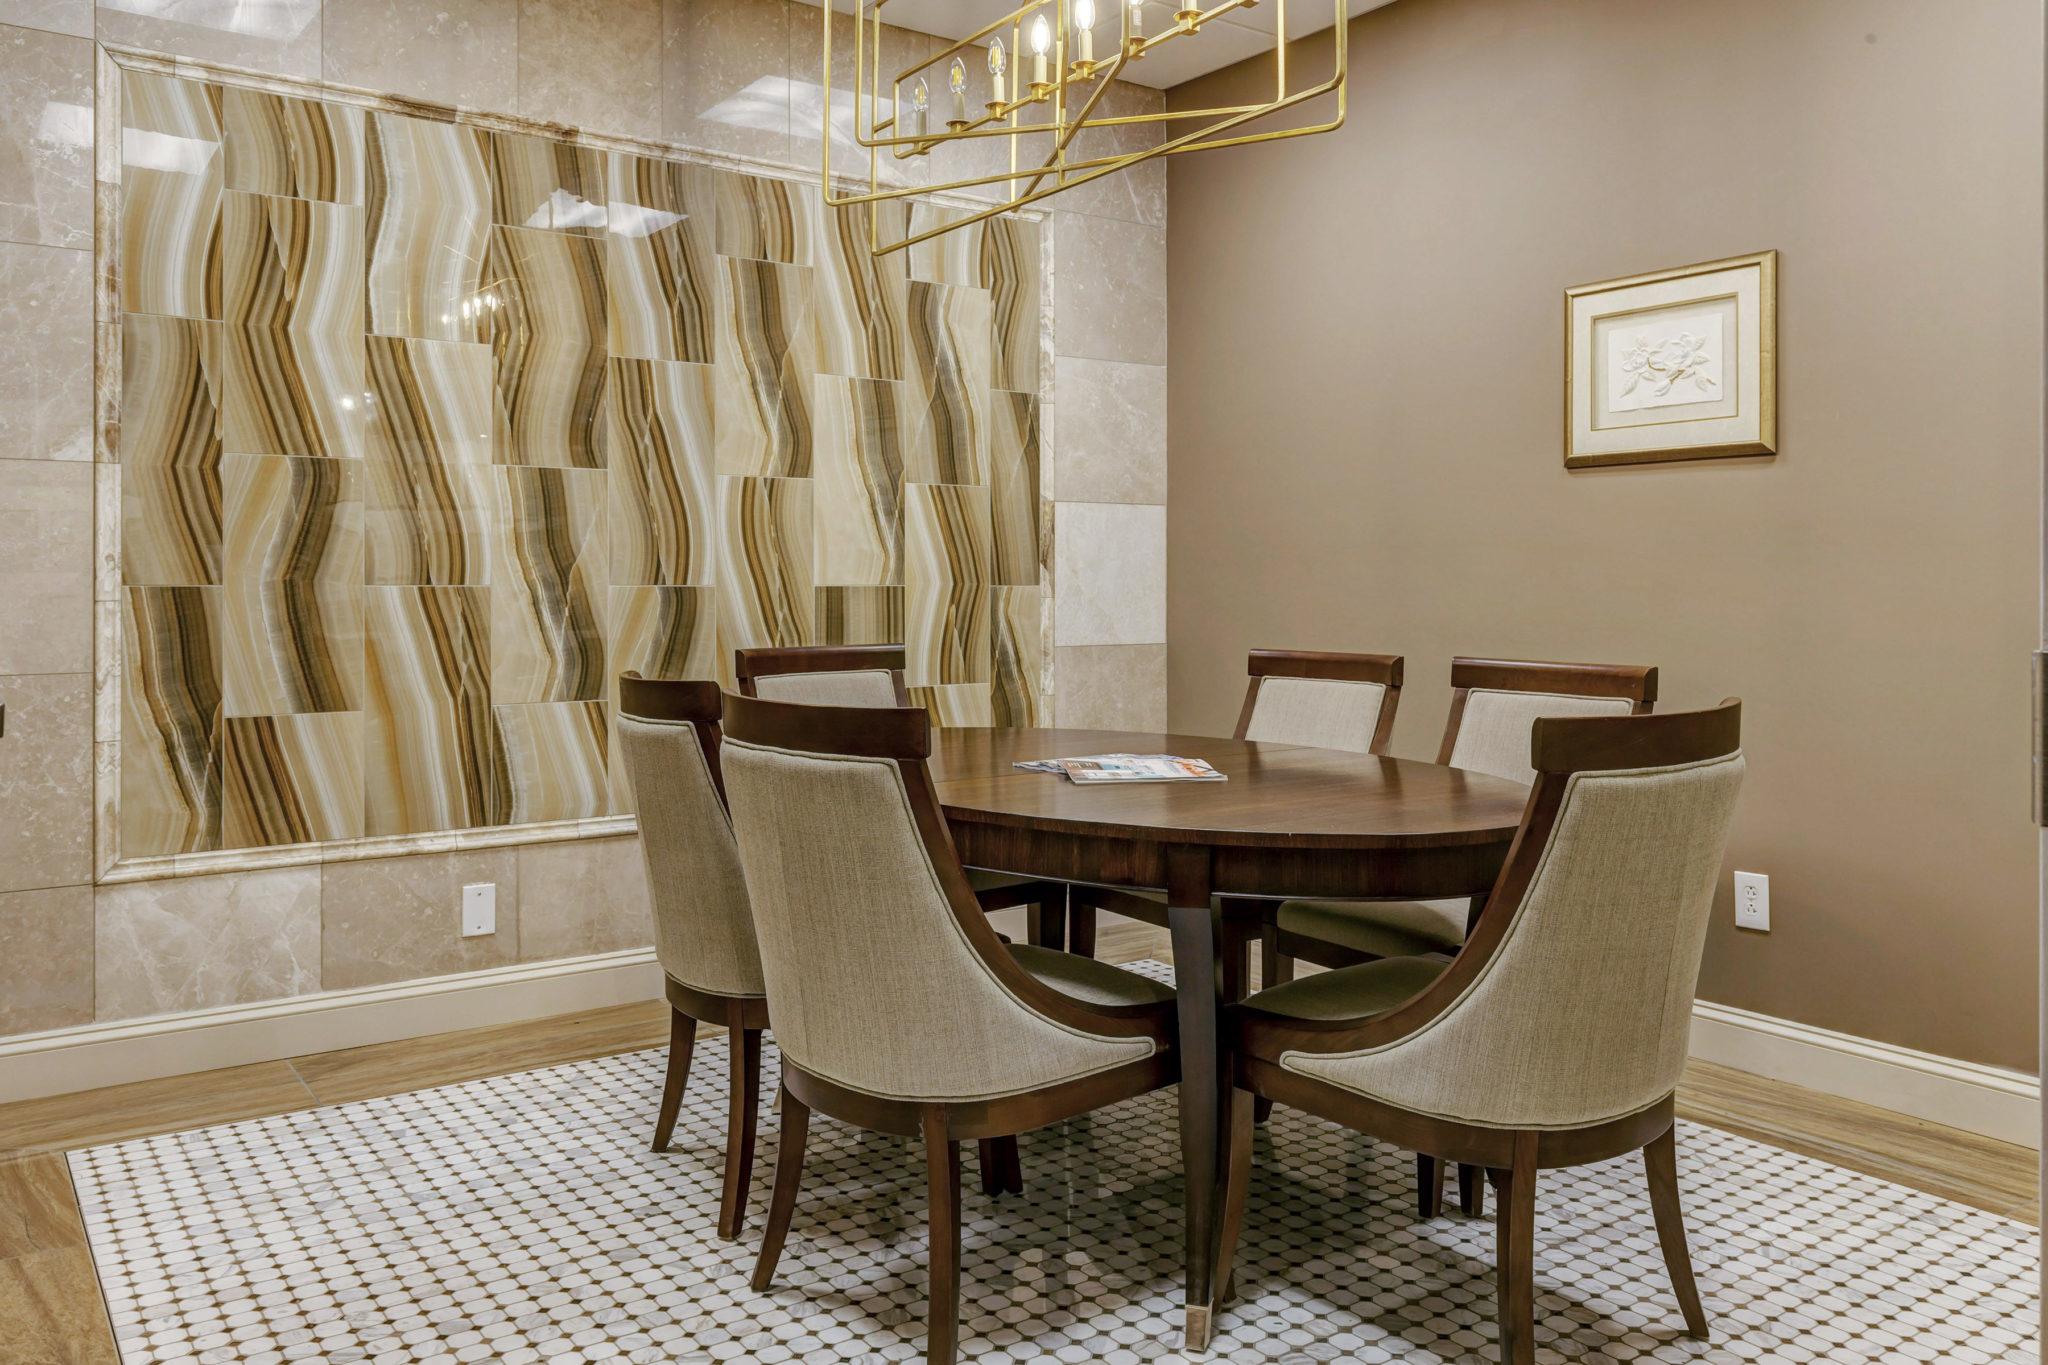 St. Louis Tile Company image 1